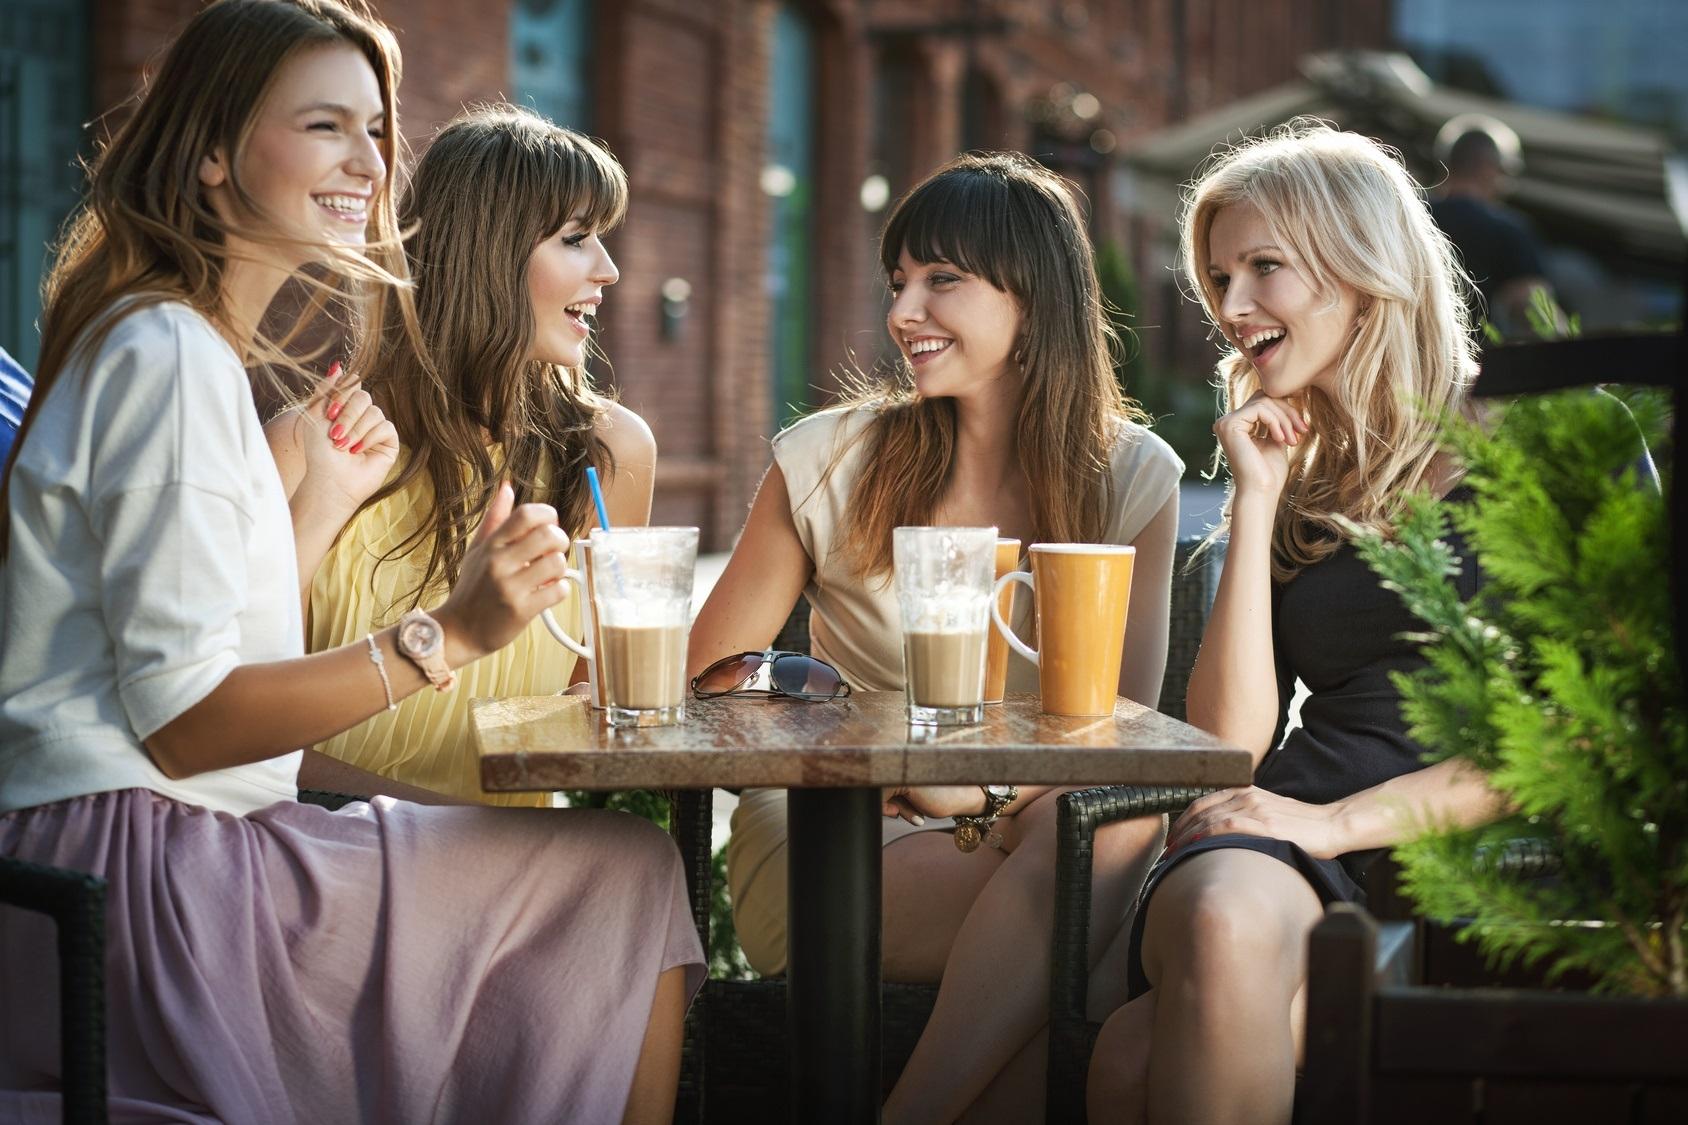 смотреть красивых девушек и общаться - 4